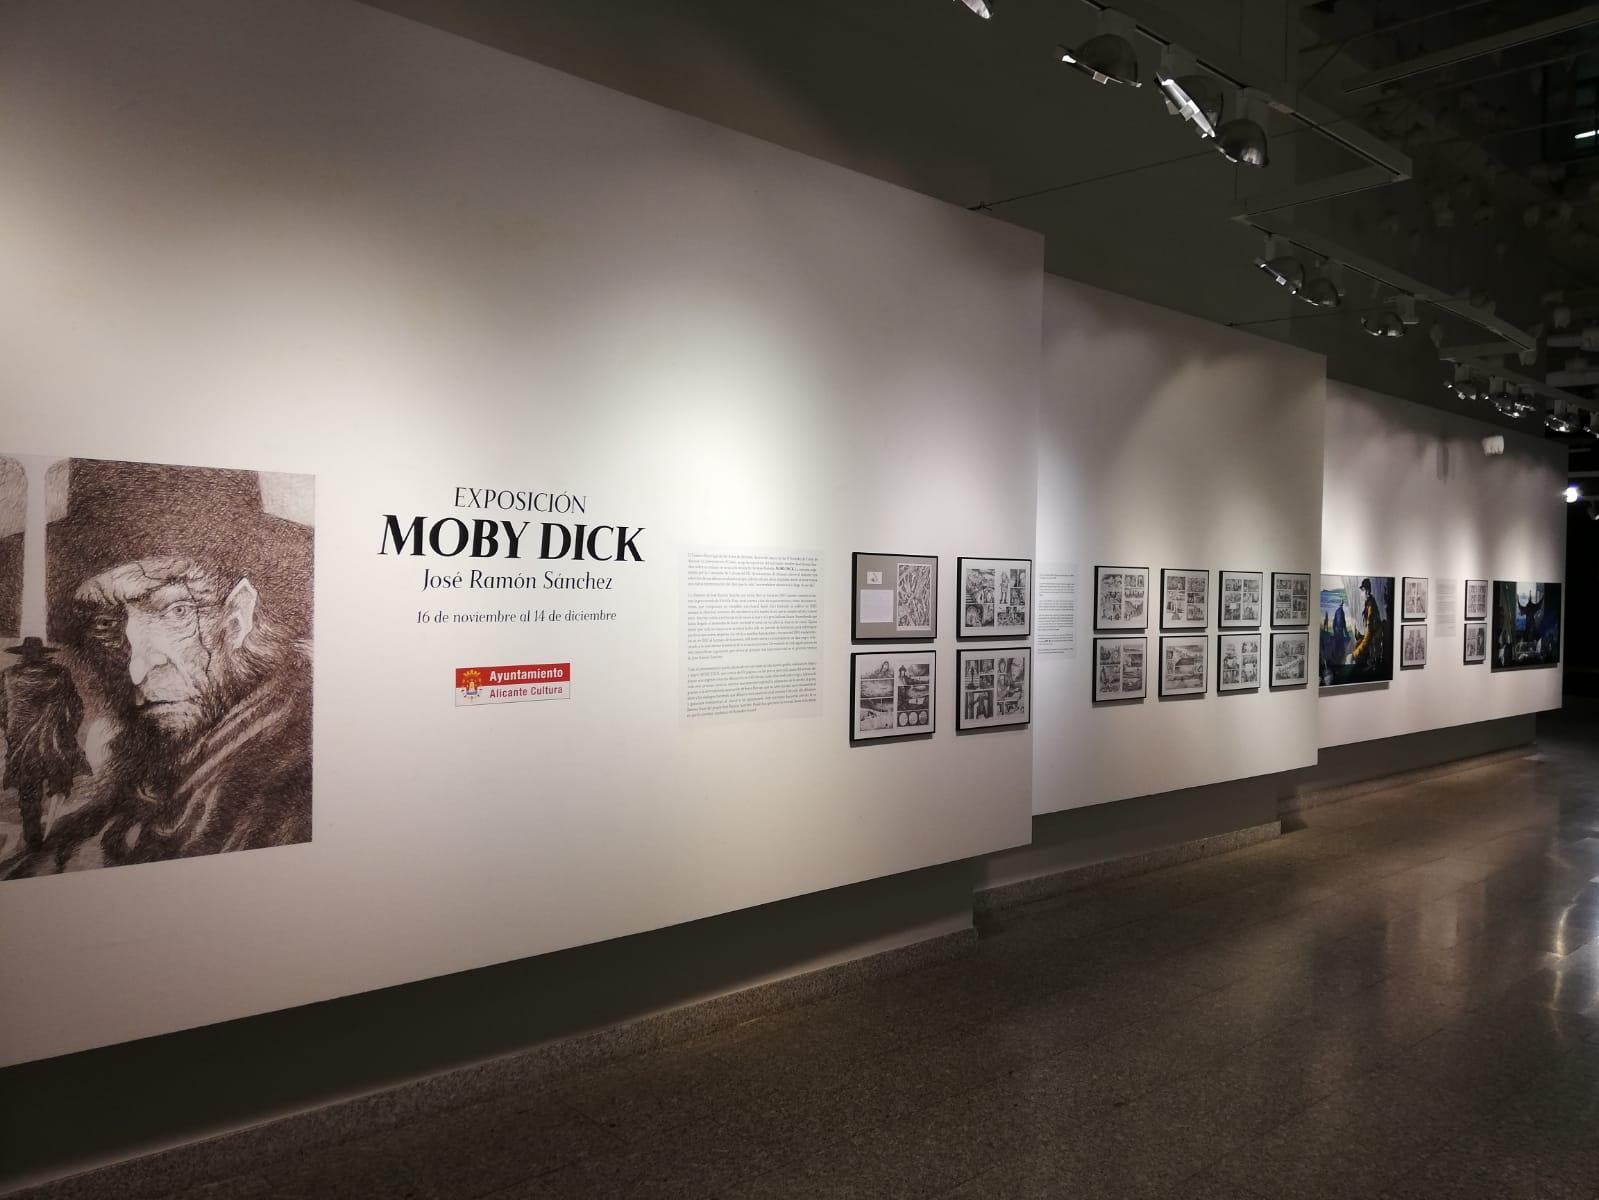 Exposición Moby Dick - Rotulación de gráfica